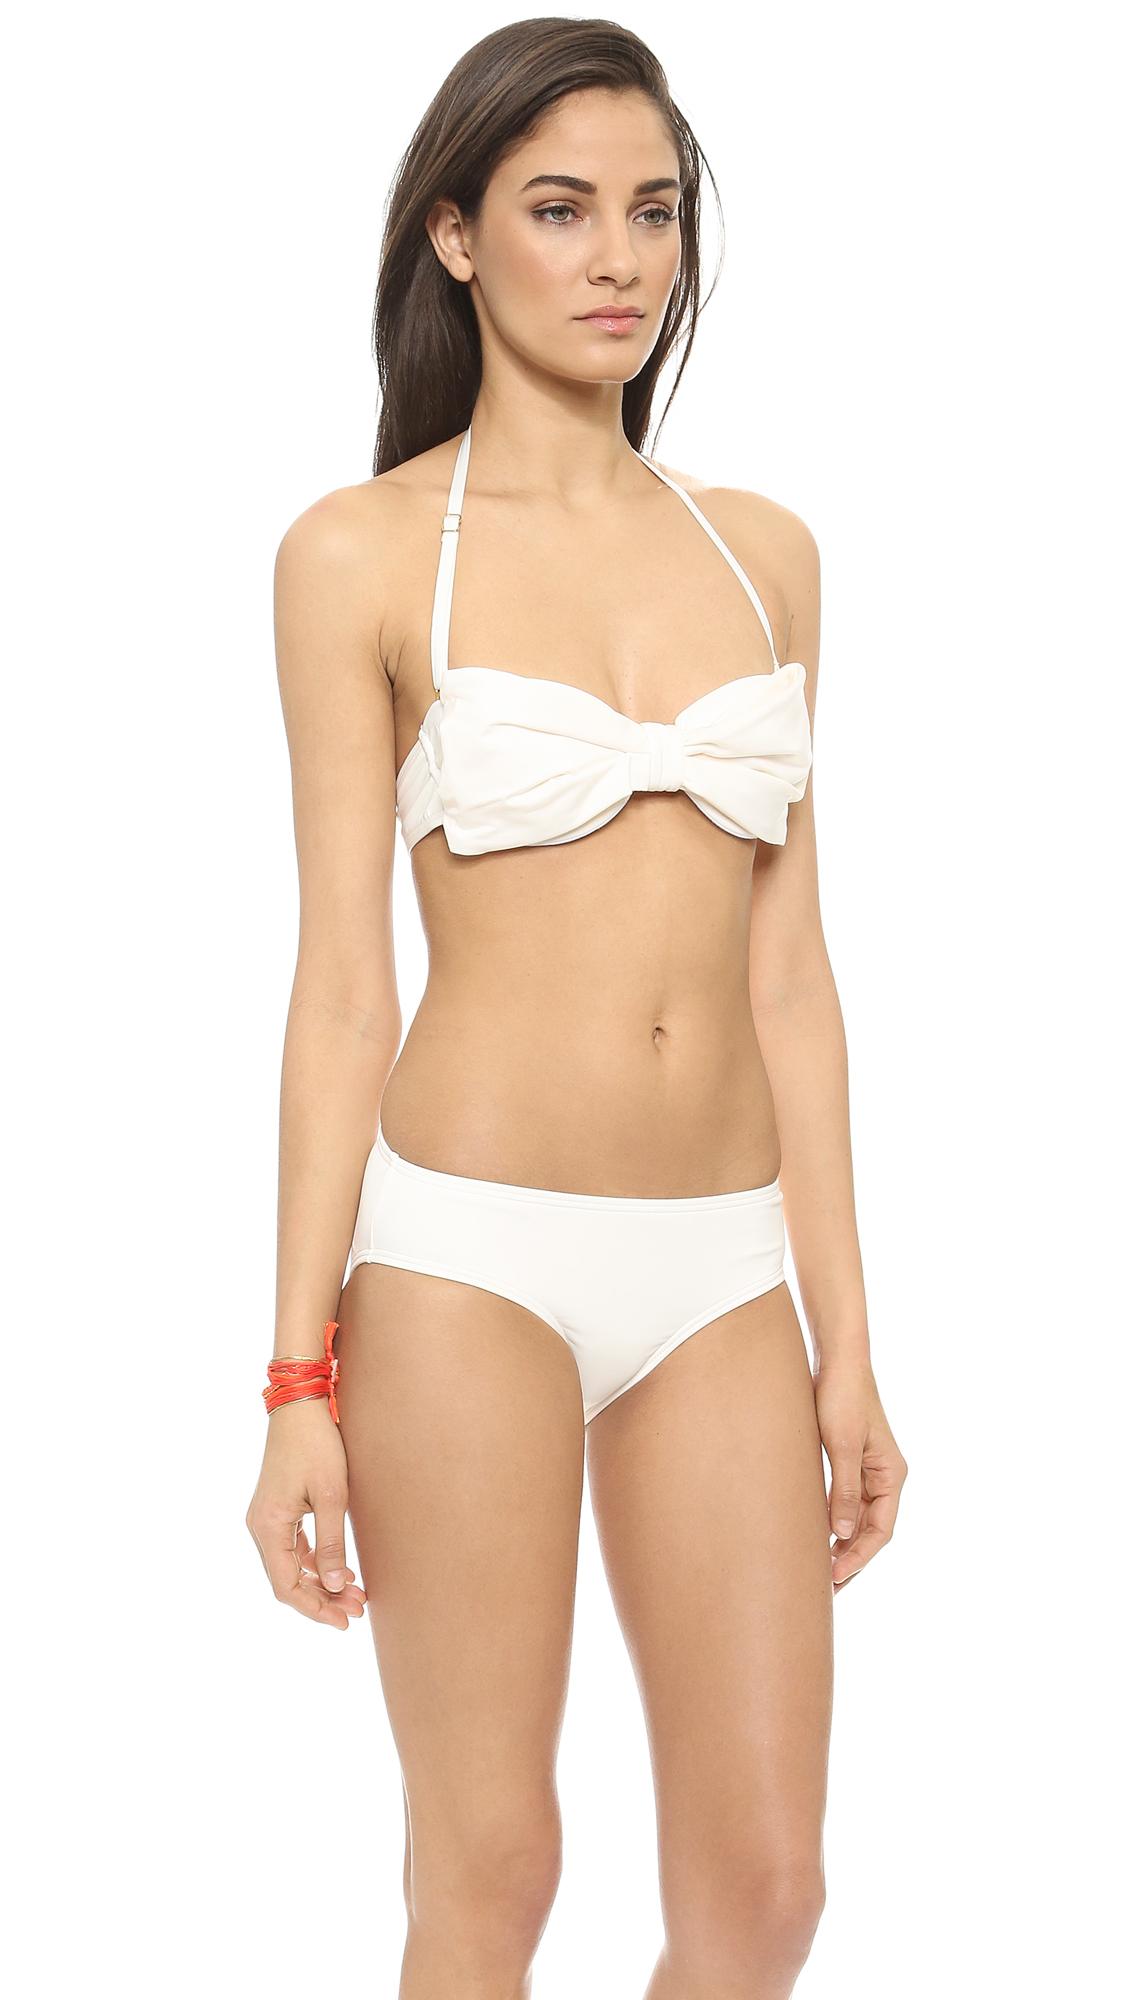 new Bikini top